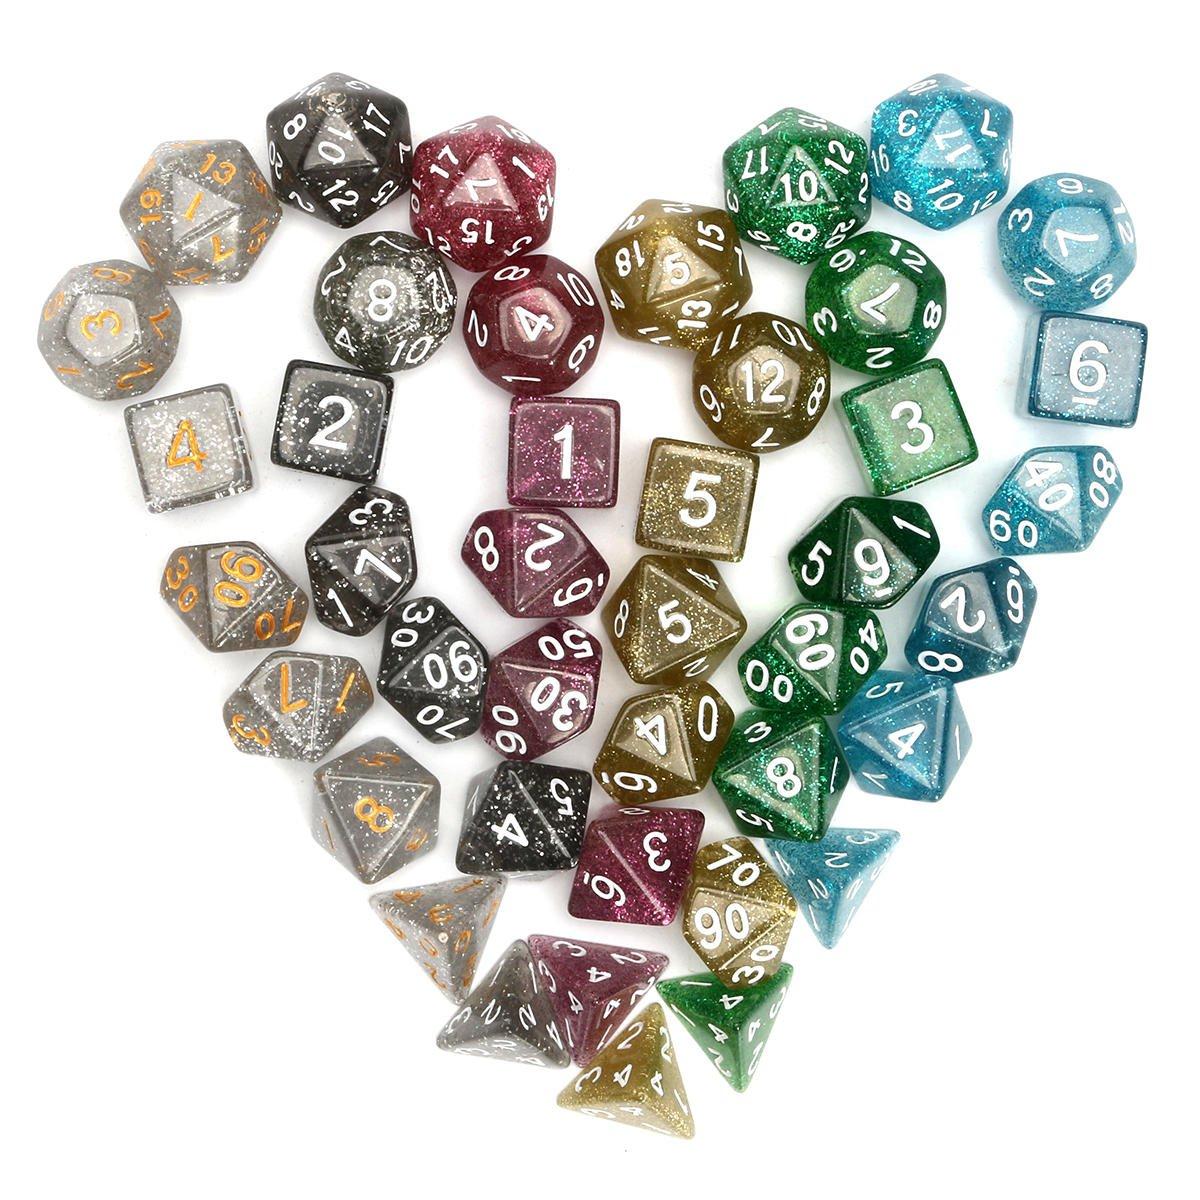 42 Pcs Polyhedral Dice Set D20 D12 D10 D8 D6 D4 Games With Bag Velvet Pouches